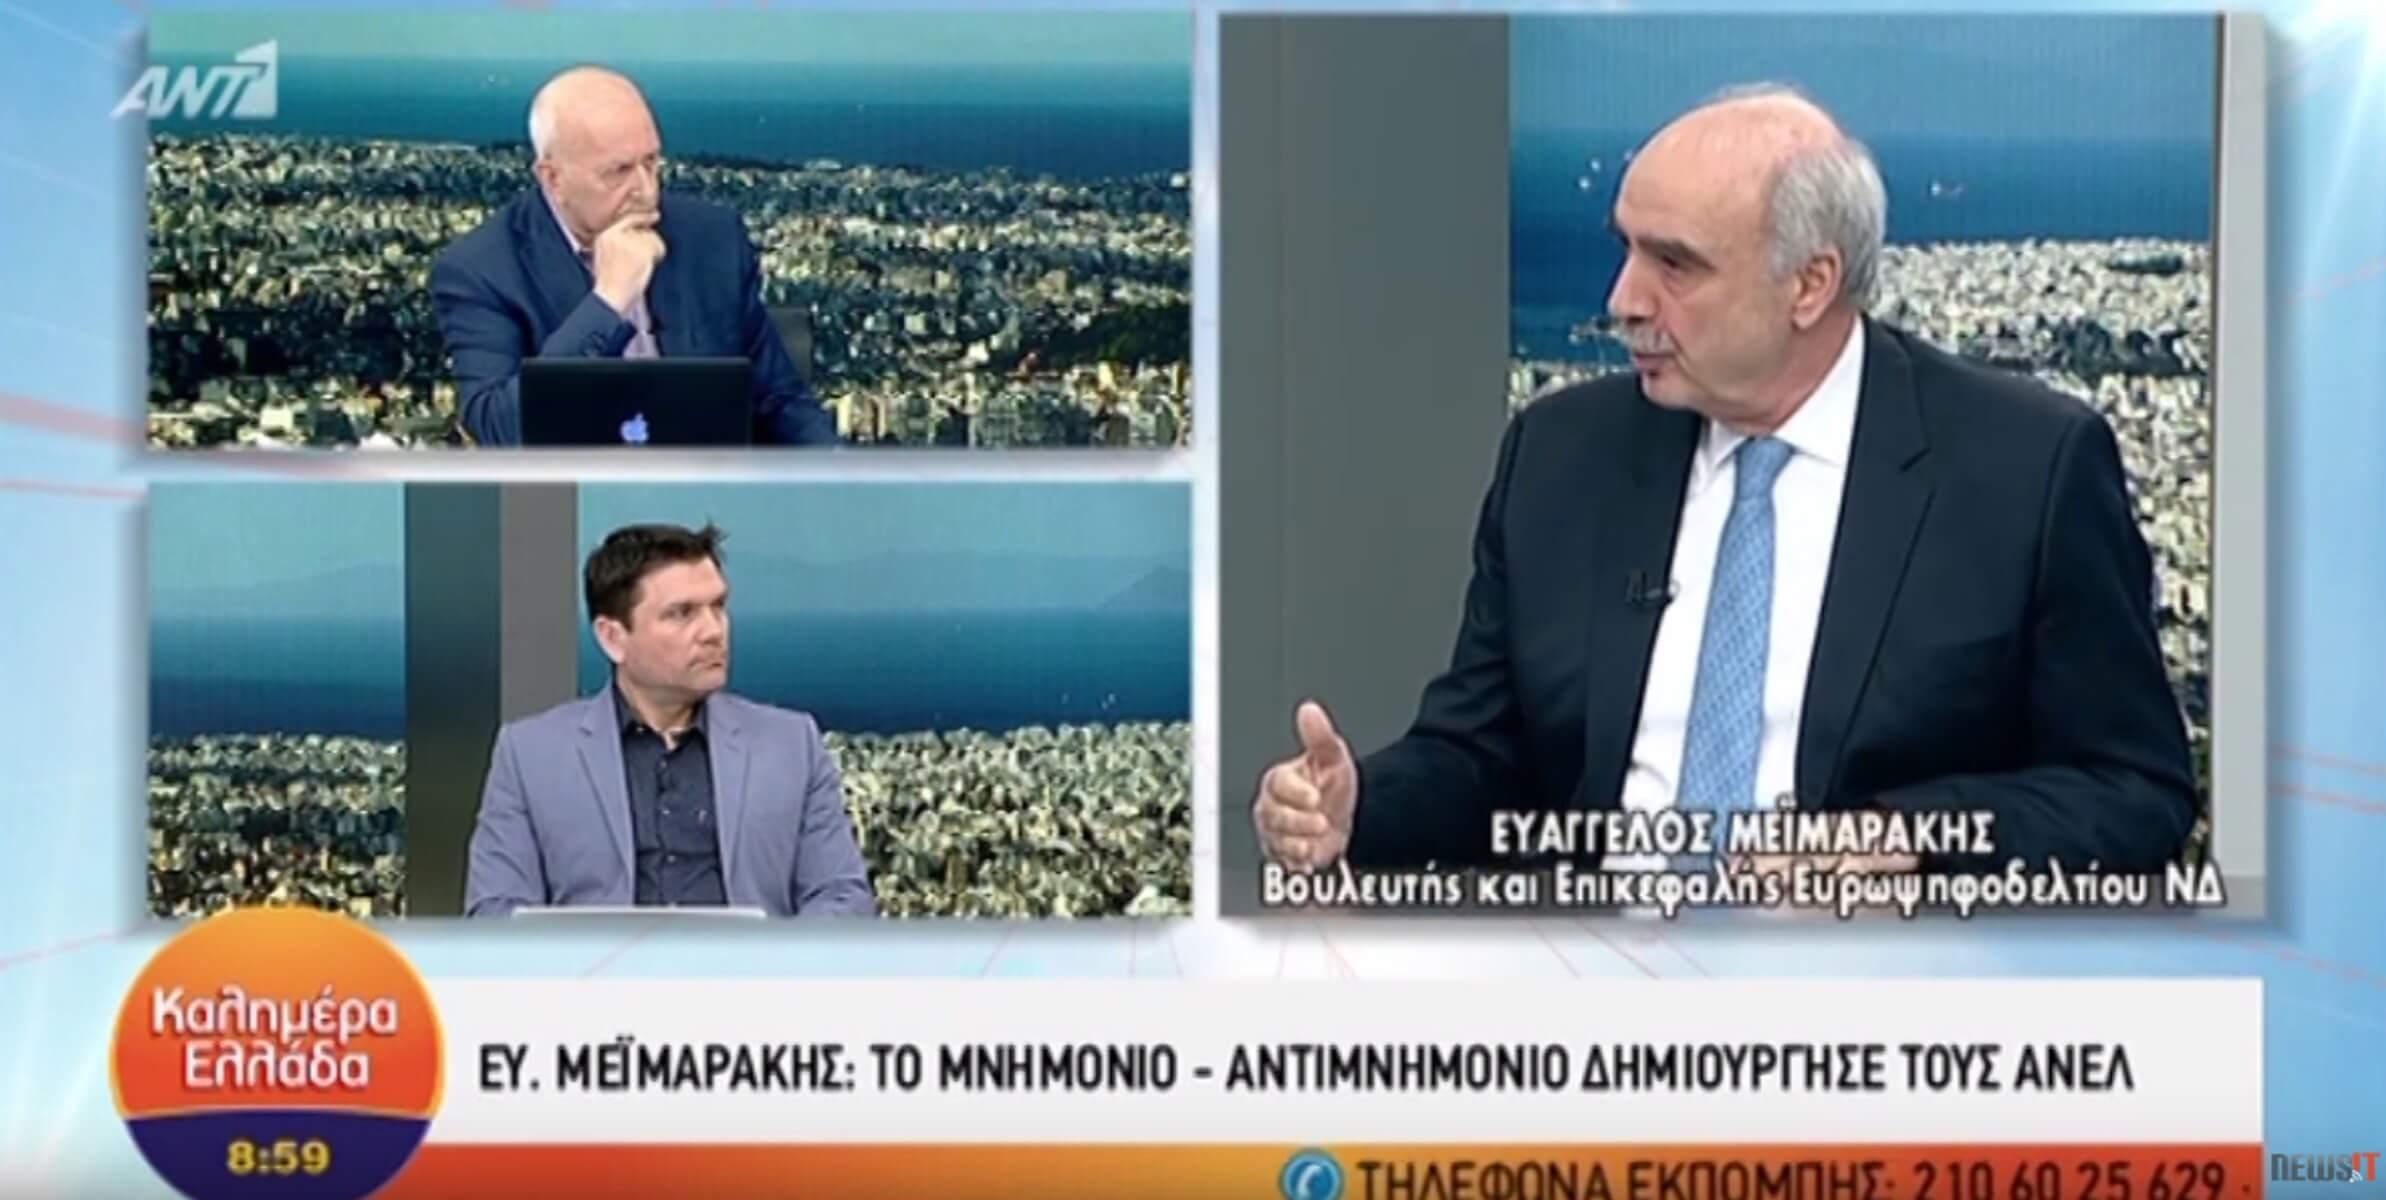 Εκλογές 2019: Μεϊμαράκης για όλα! Για Άδωνι, Τσίπρα, Παυλόπουλο και Αυτιά